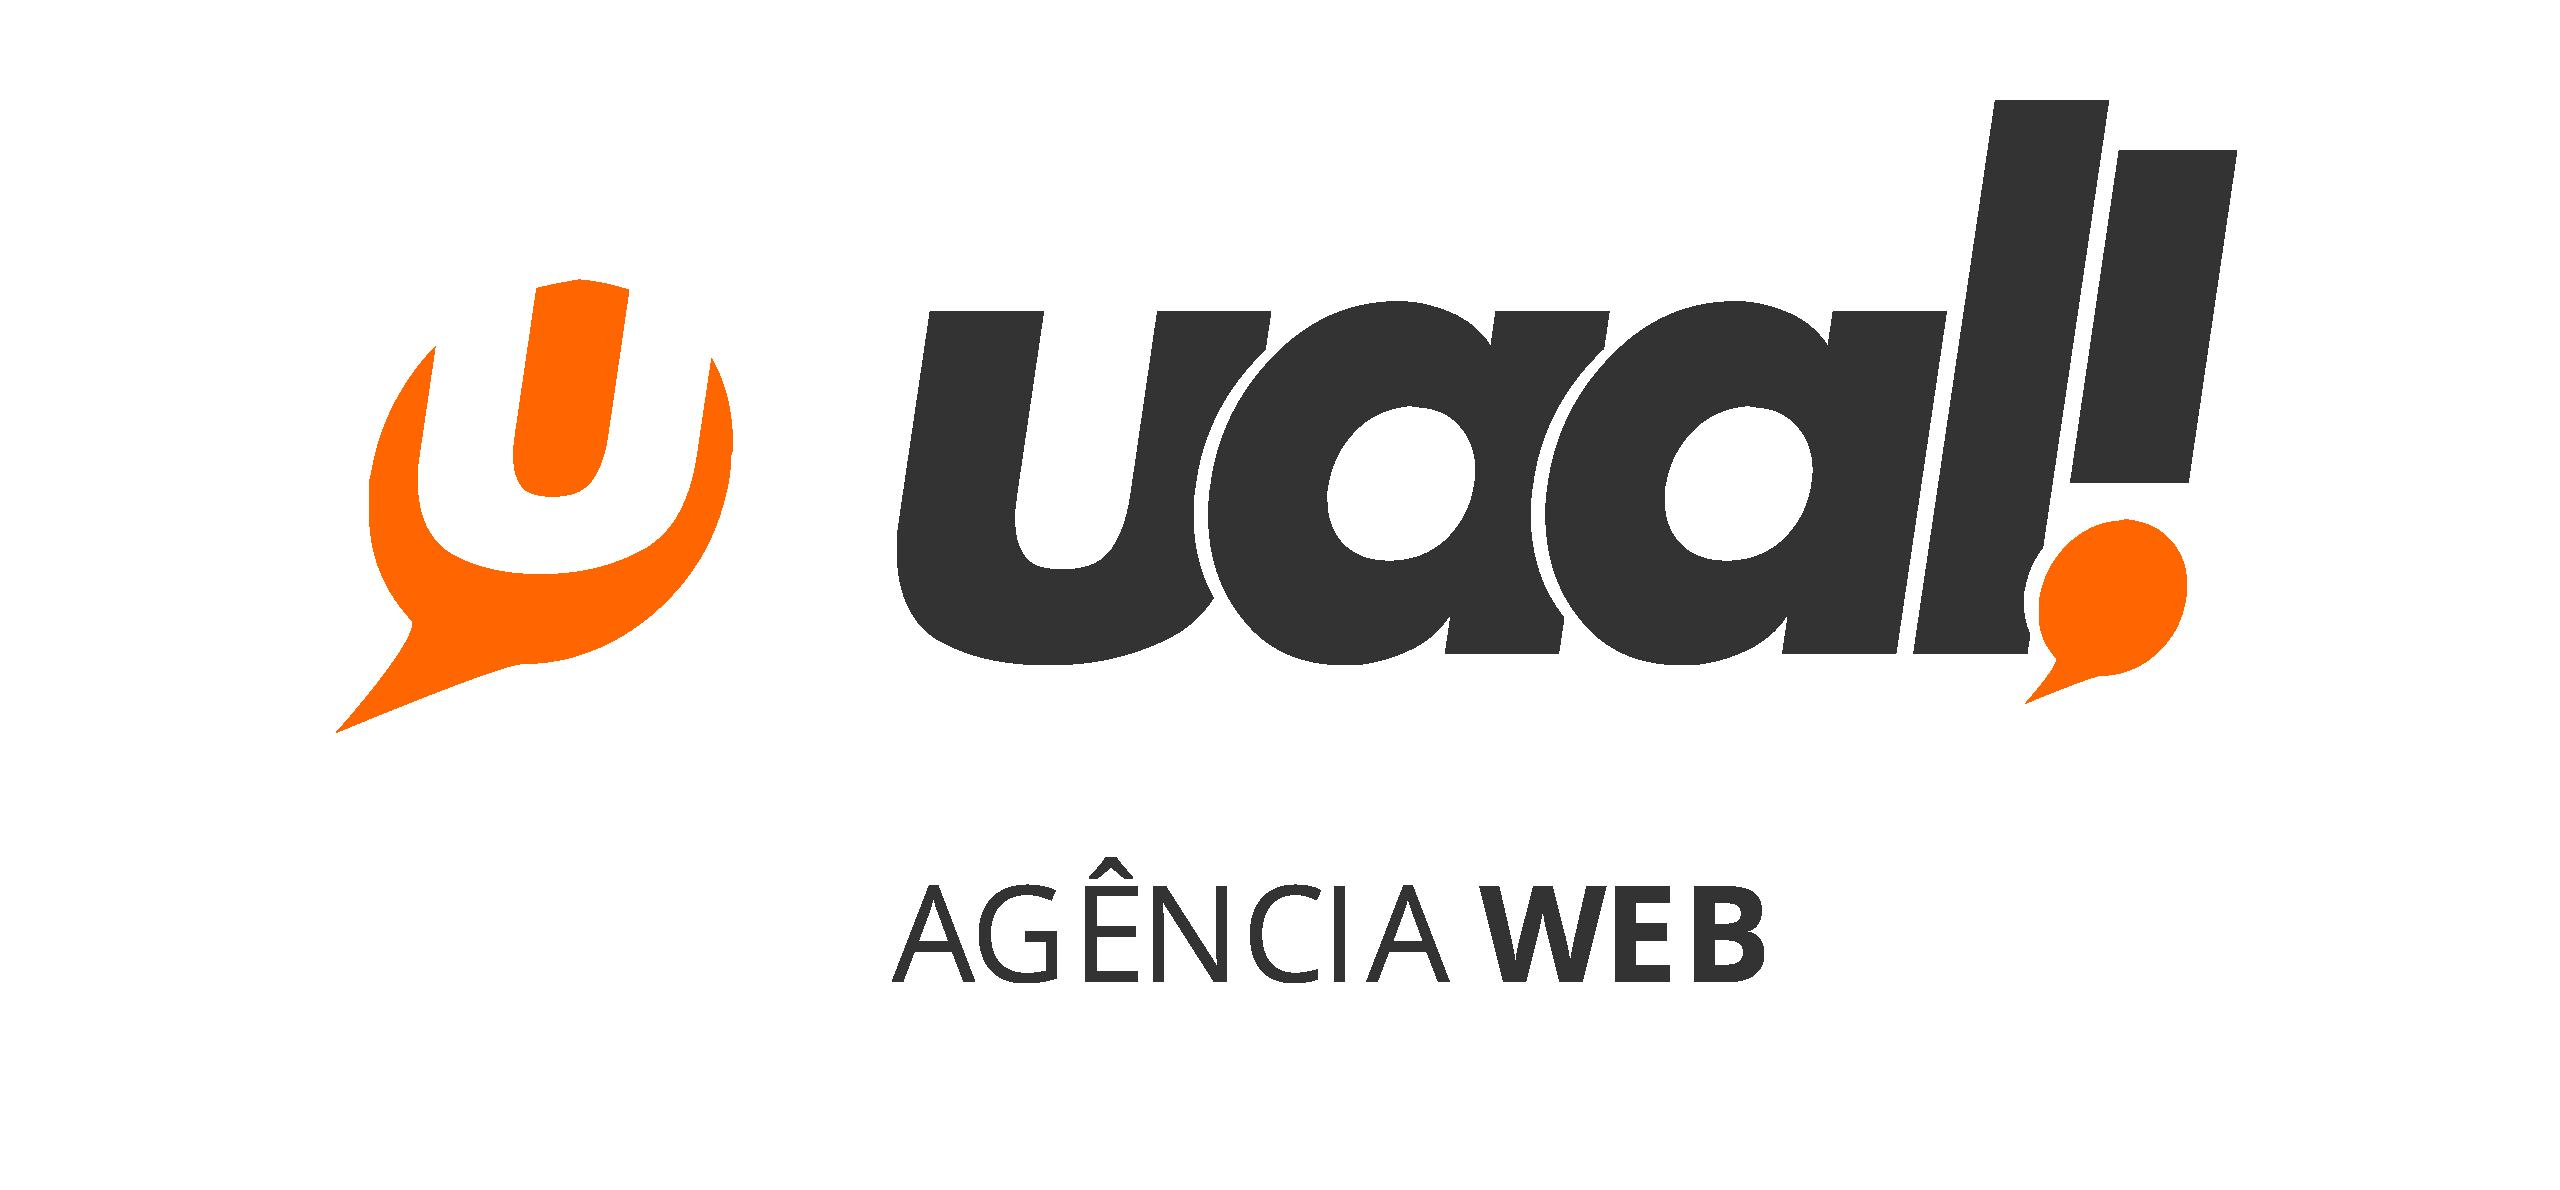 Logo uaal! ag�ncia web e cria��o de sites